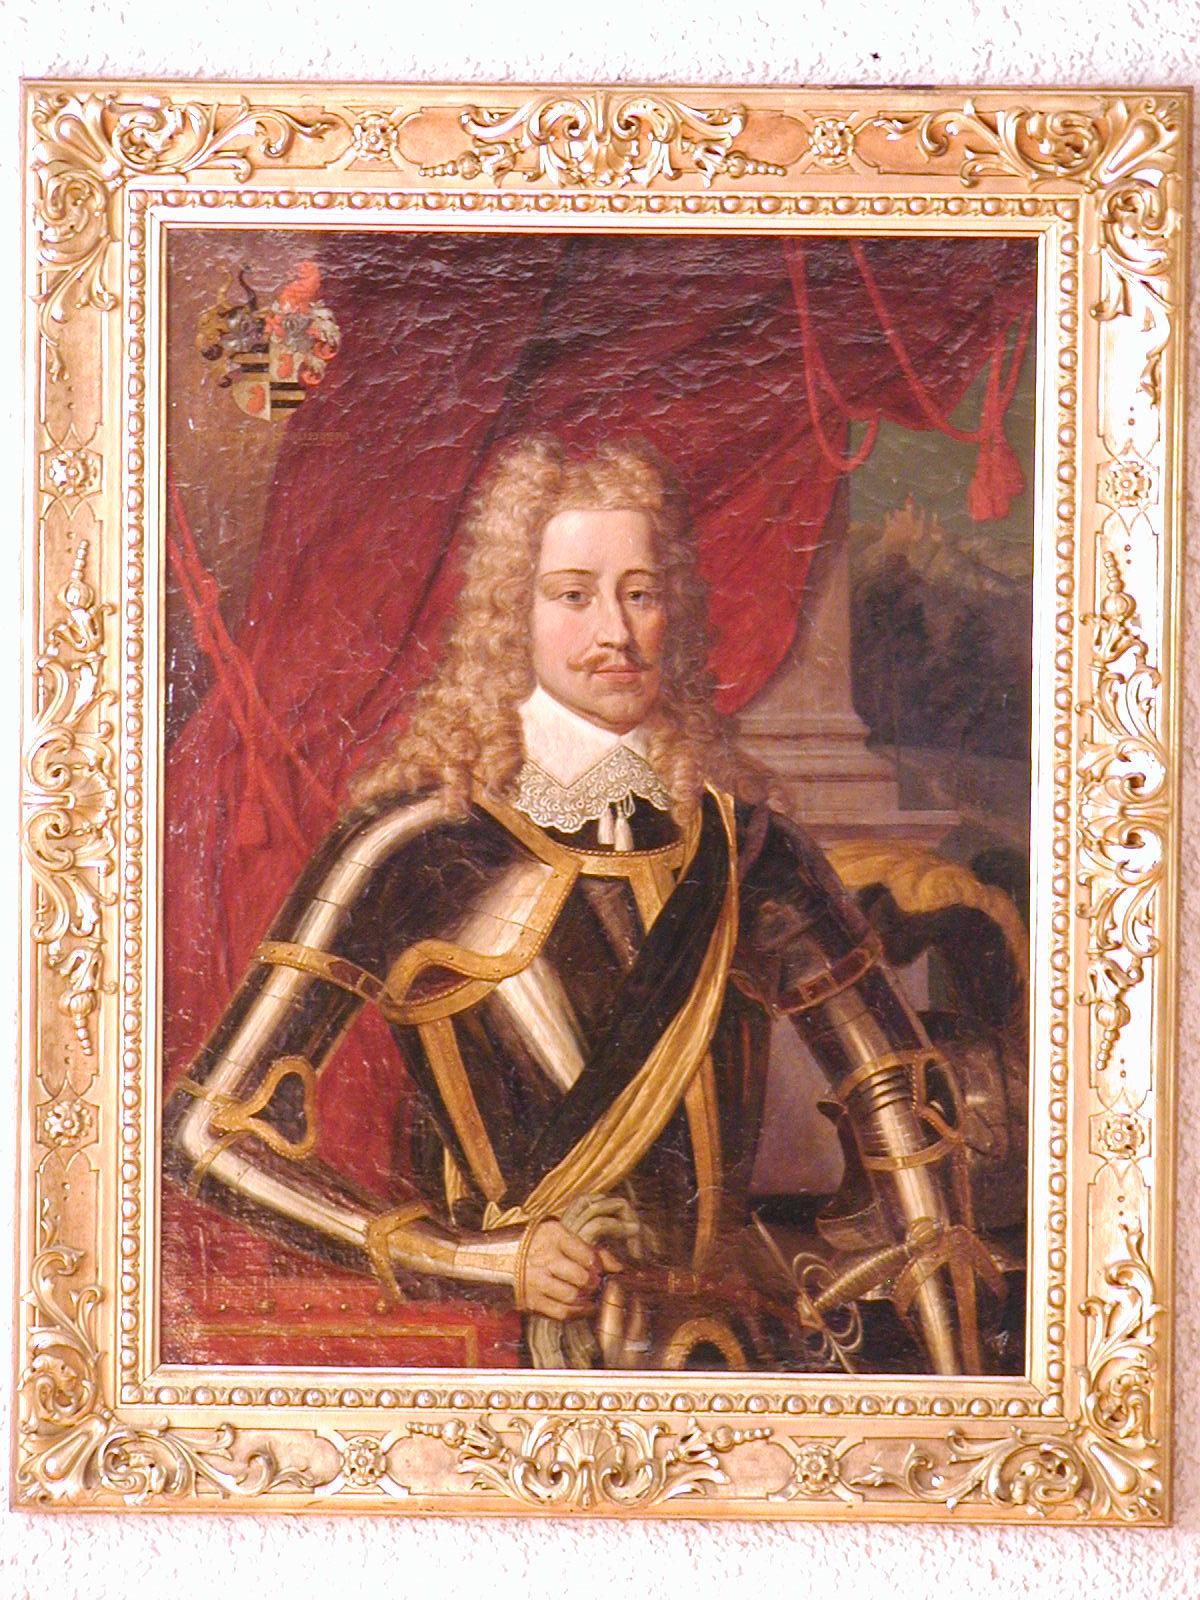 Freiherr von Schellenberg